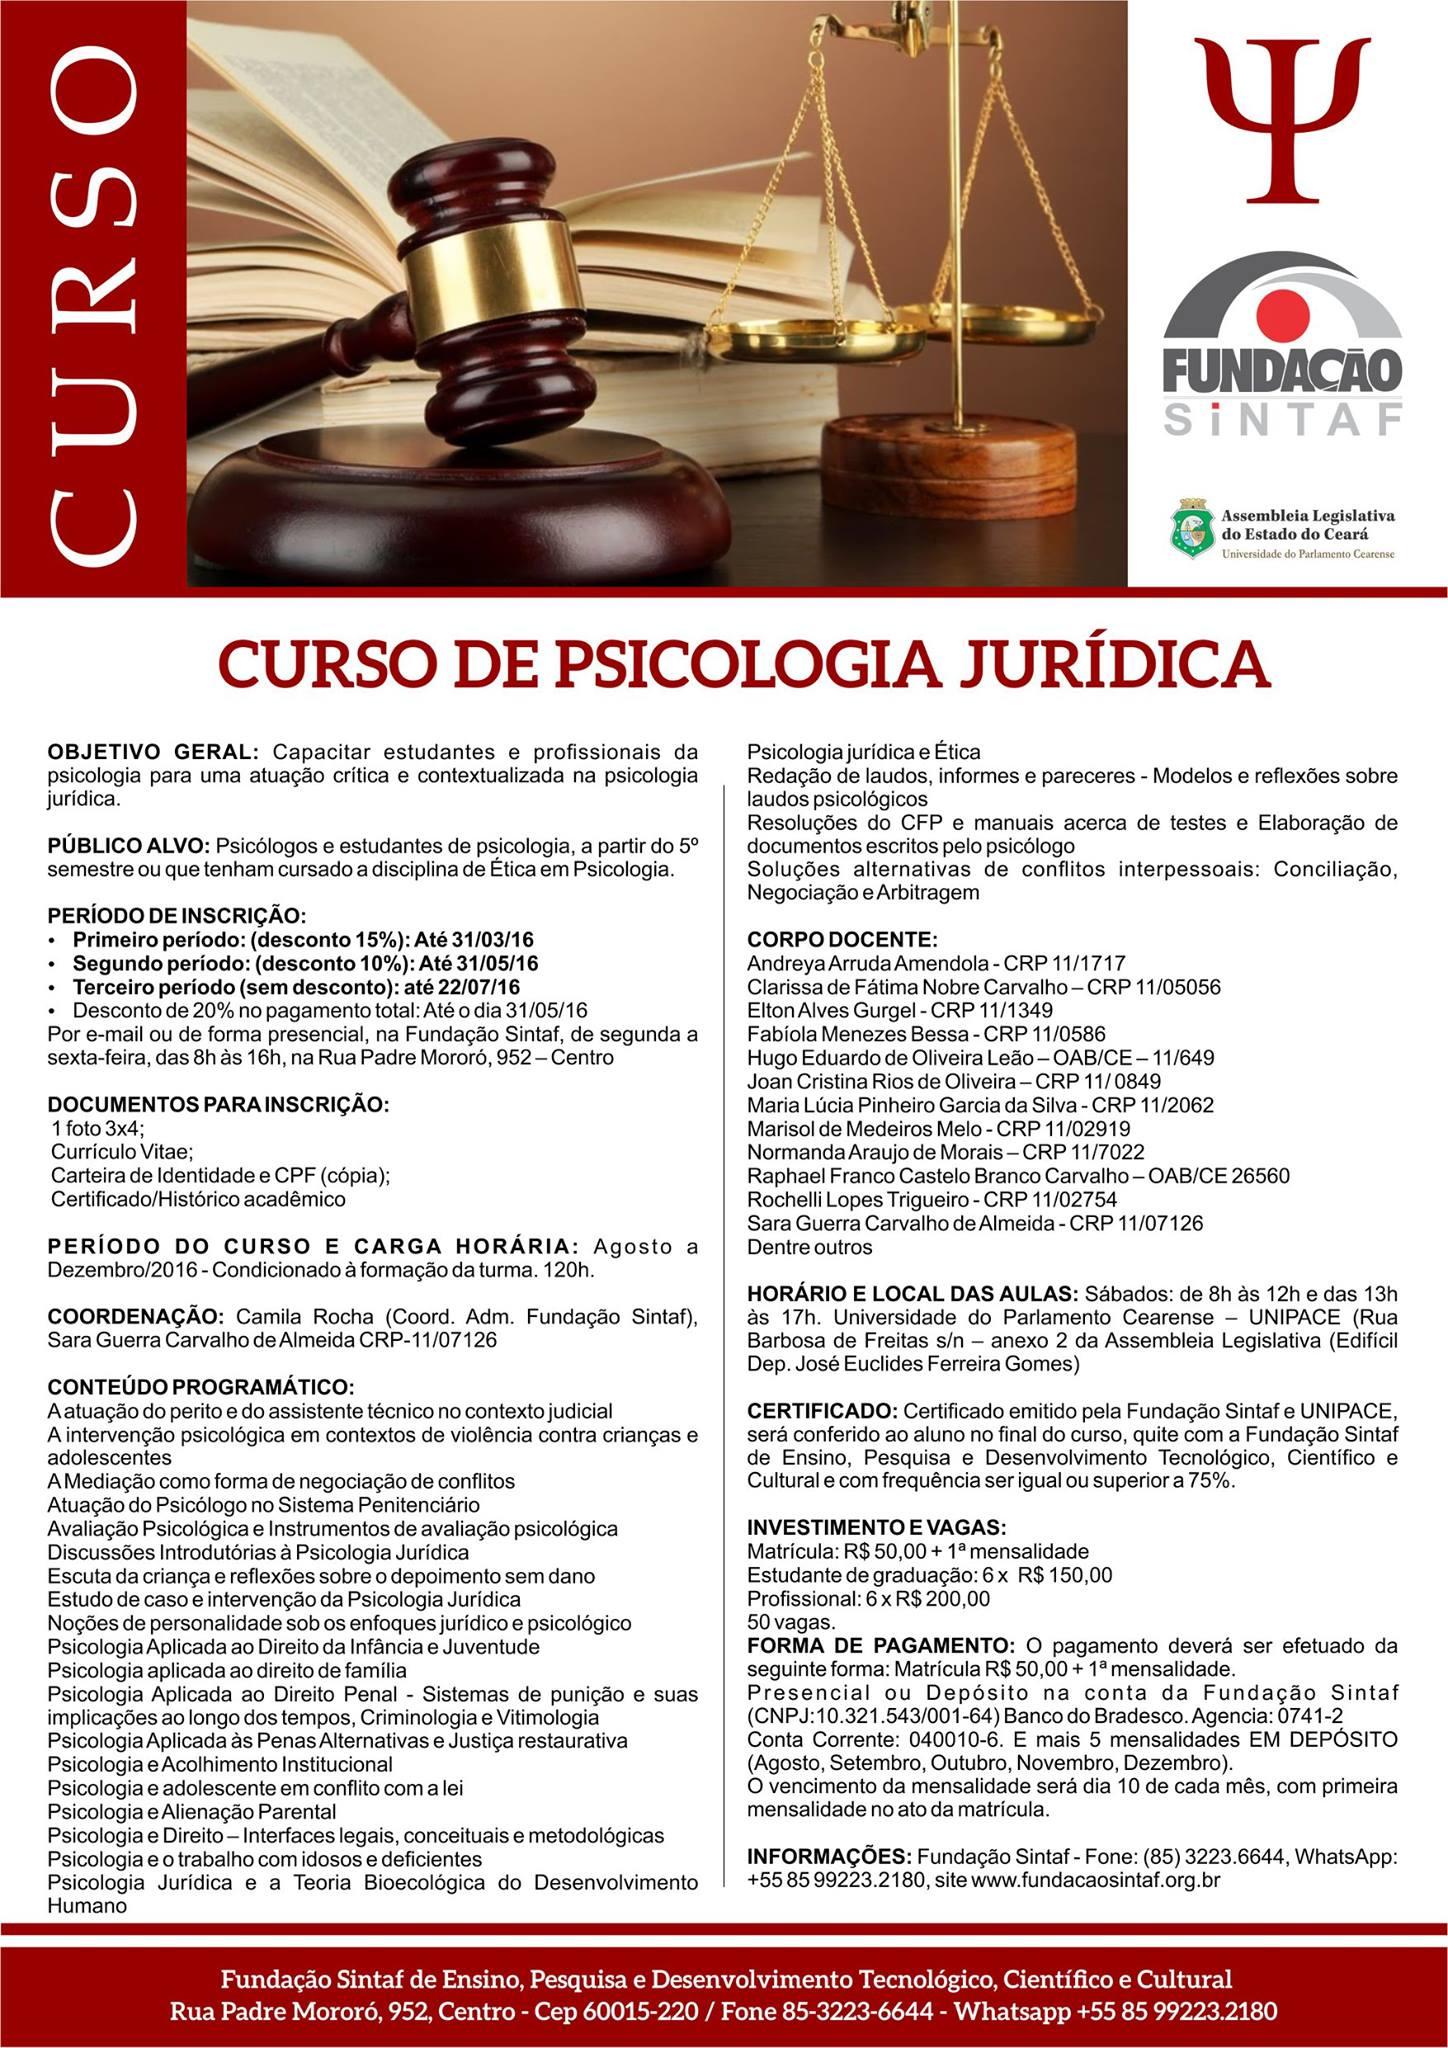 II Curso de Psicologia Jurídica